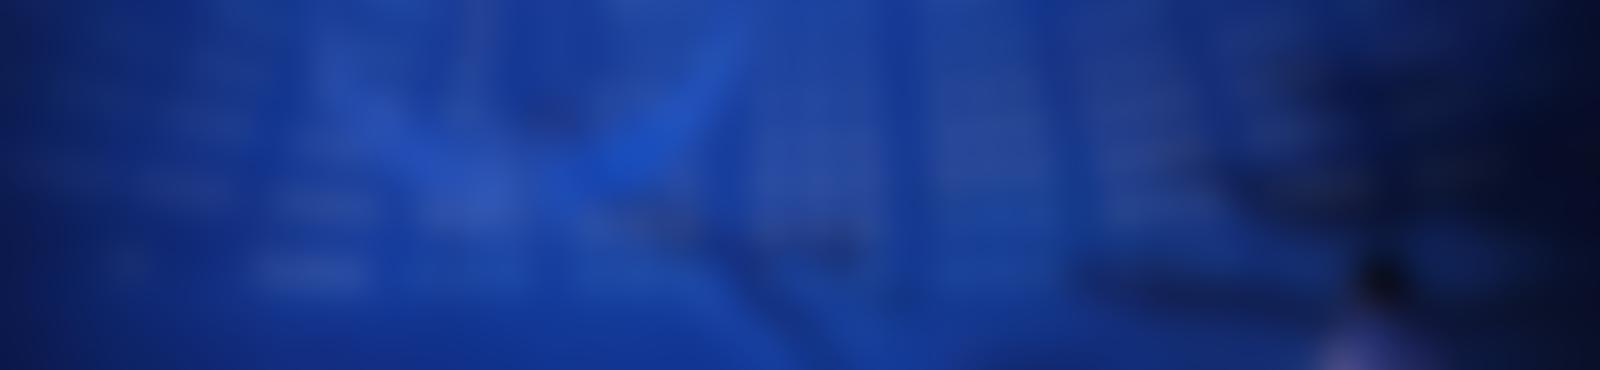 Blurred 4e13a74f 596d 4663 bd26 856b66e6a241